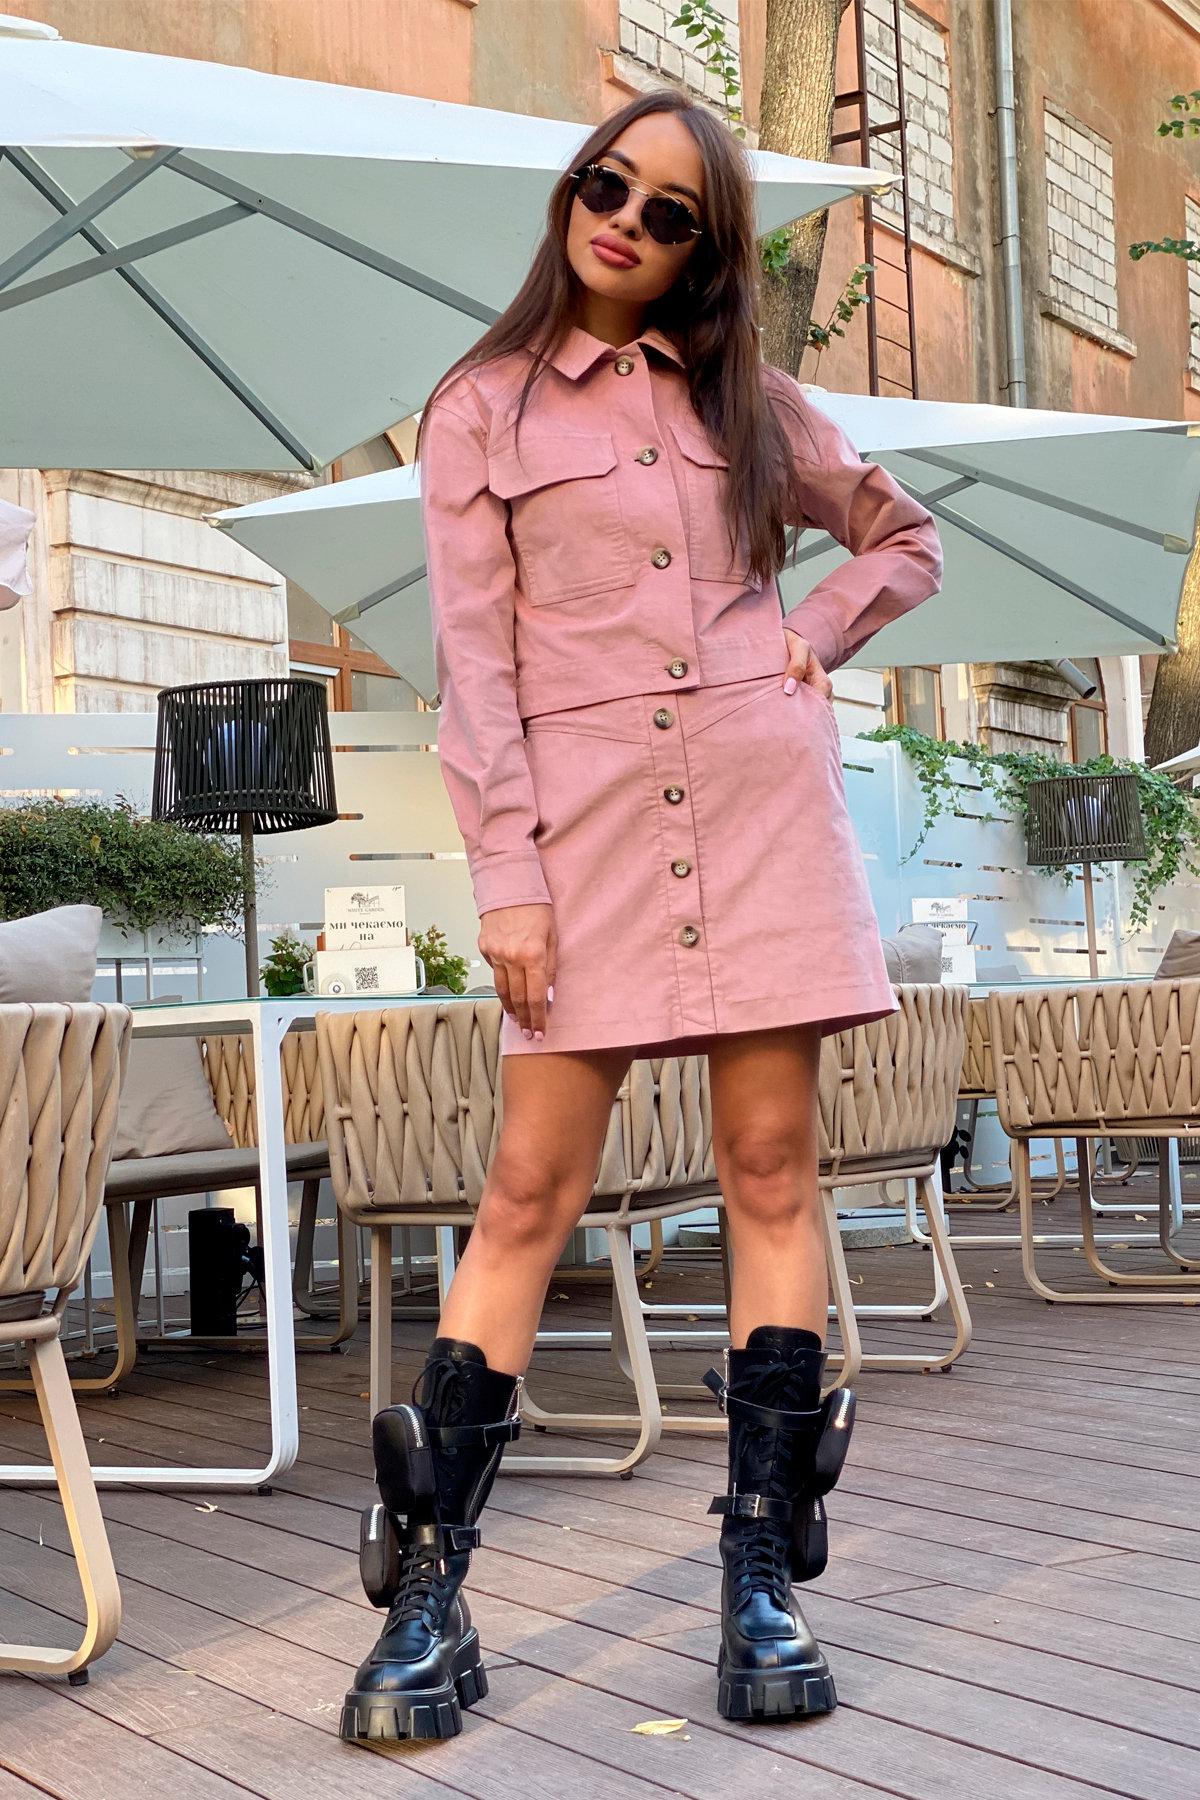 Купить женские юбки оптом  Юбка Ньюарк 9681